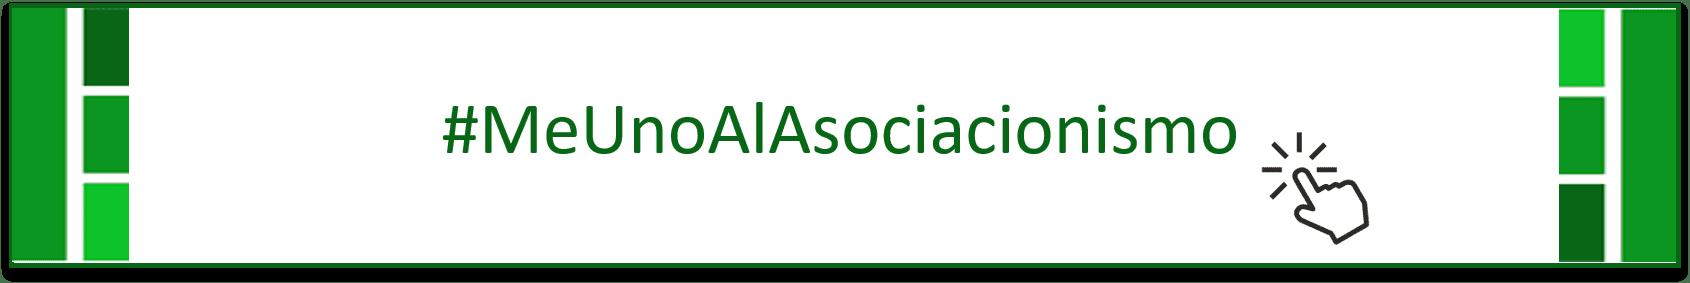 #MeUnoAlAsociacionismo